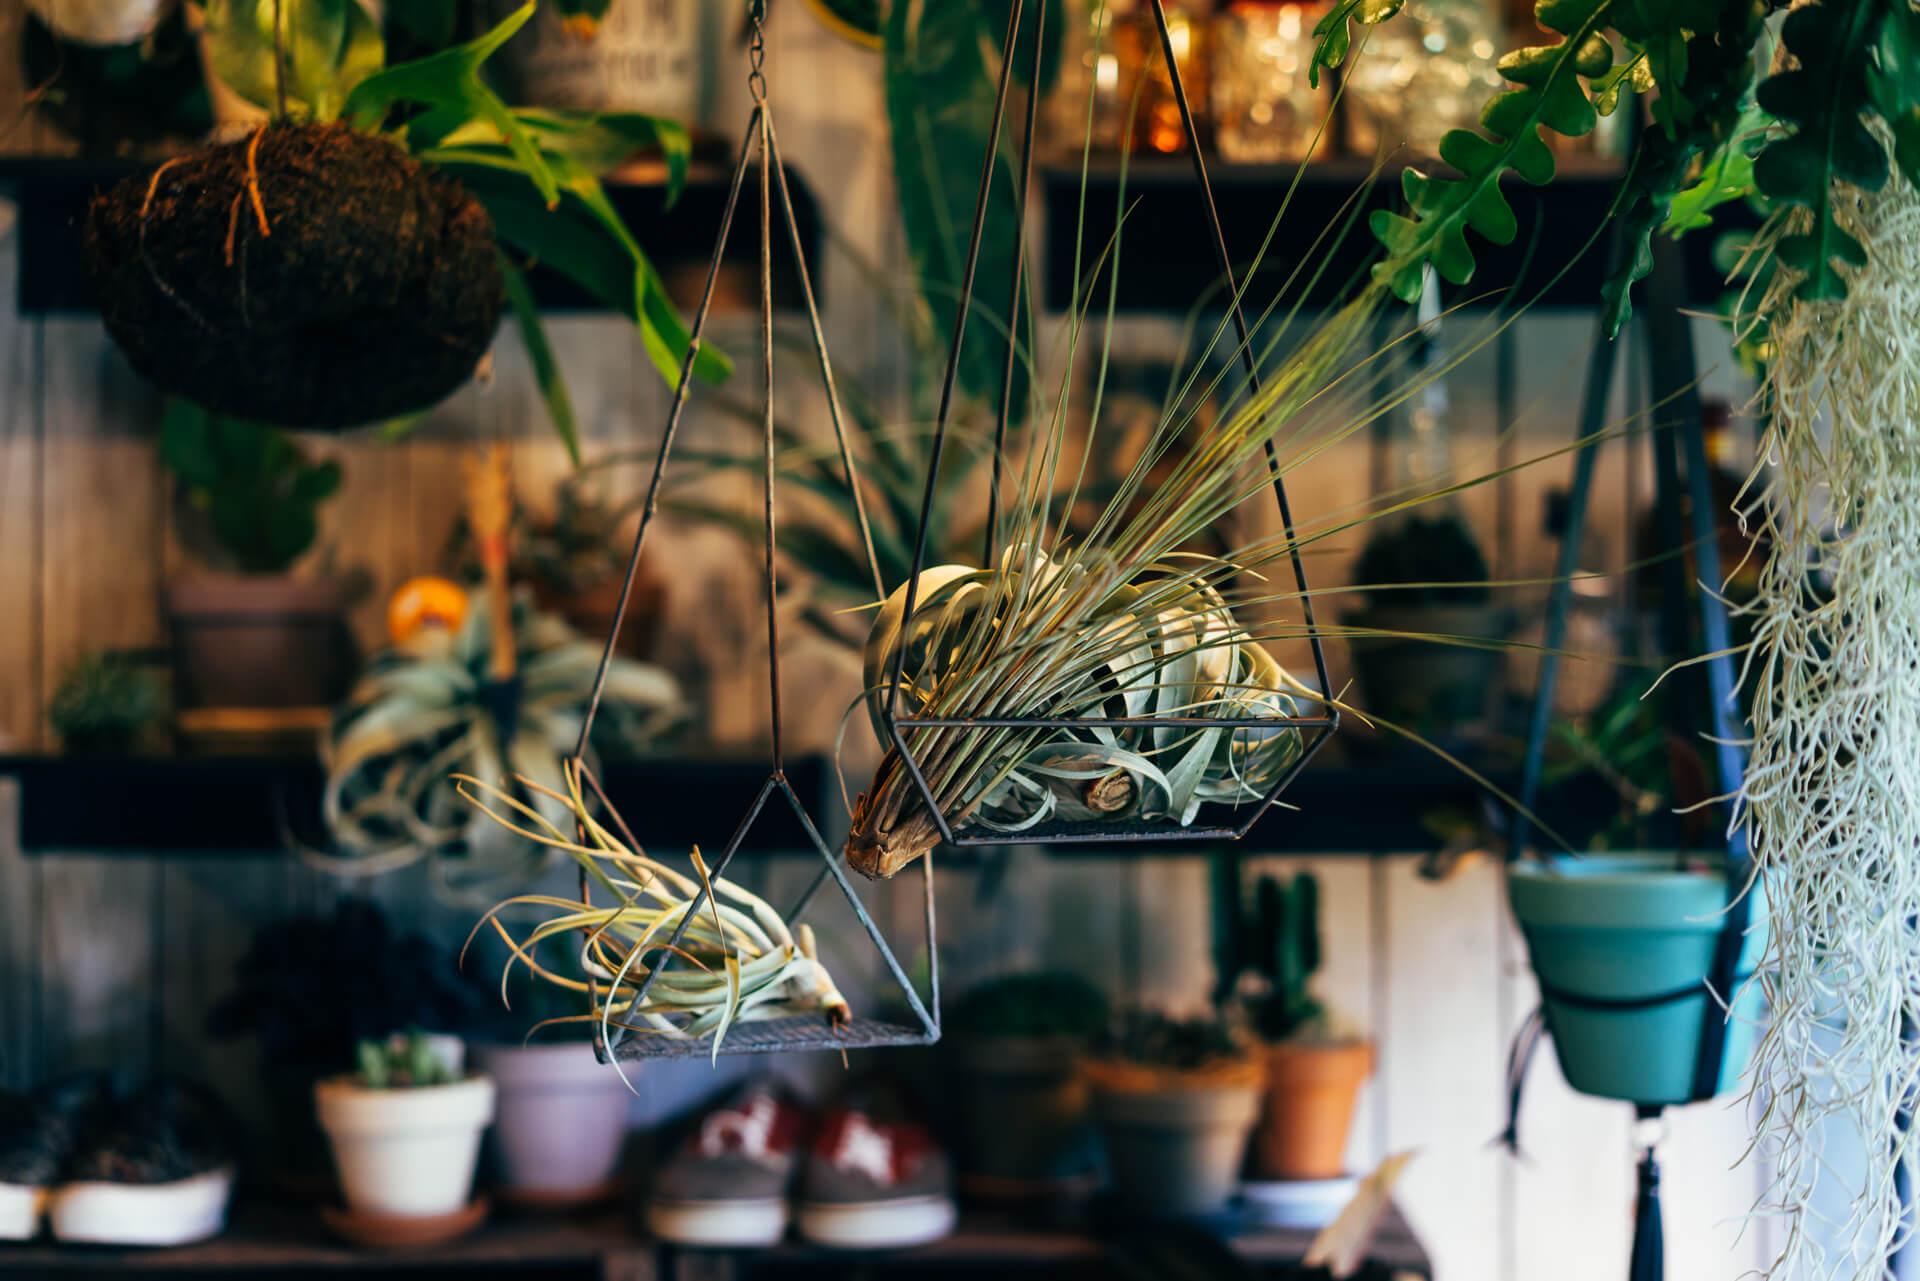 目線の高さに合わせることで植物が綺麗に見える、ハンギンググリーンも人気があります。 エアプランツを組み合わせるのがおすすめ。(プラントハンガー 1,500円〜、エアプランツ 800円〜2,000円、右のキセログラフィカ 5,000円)